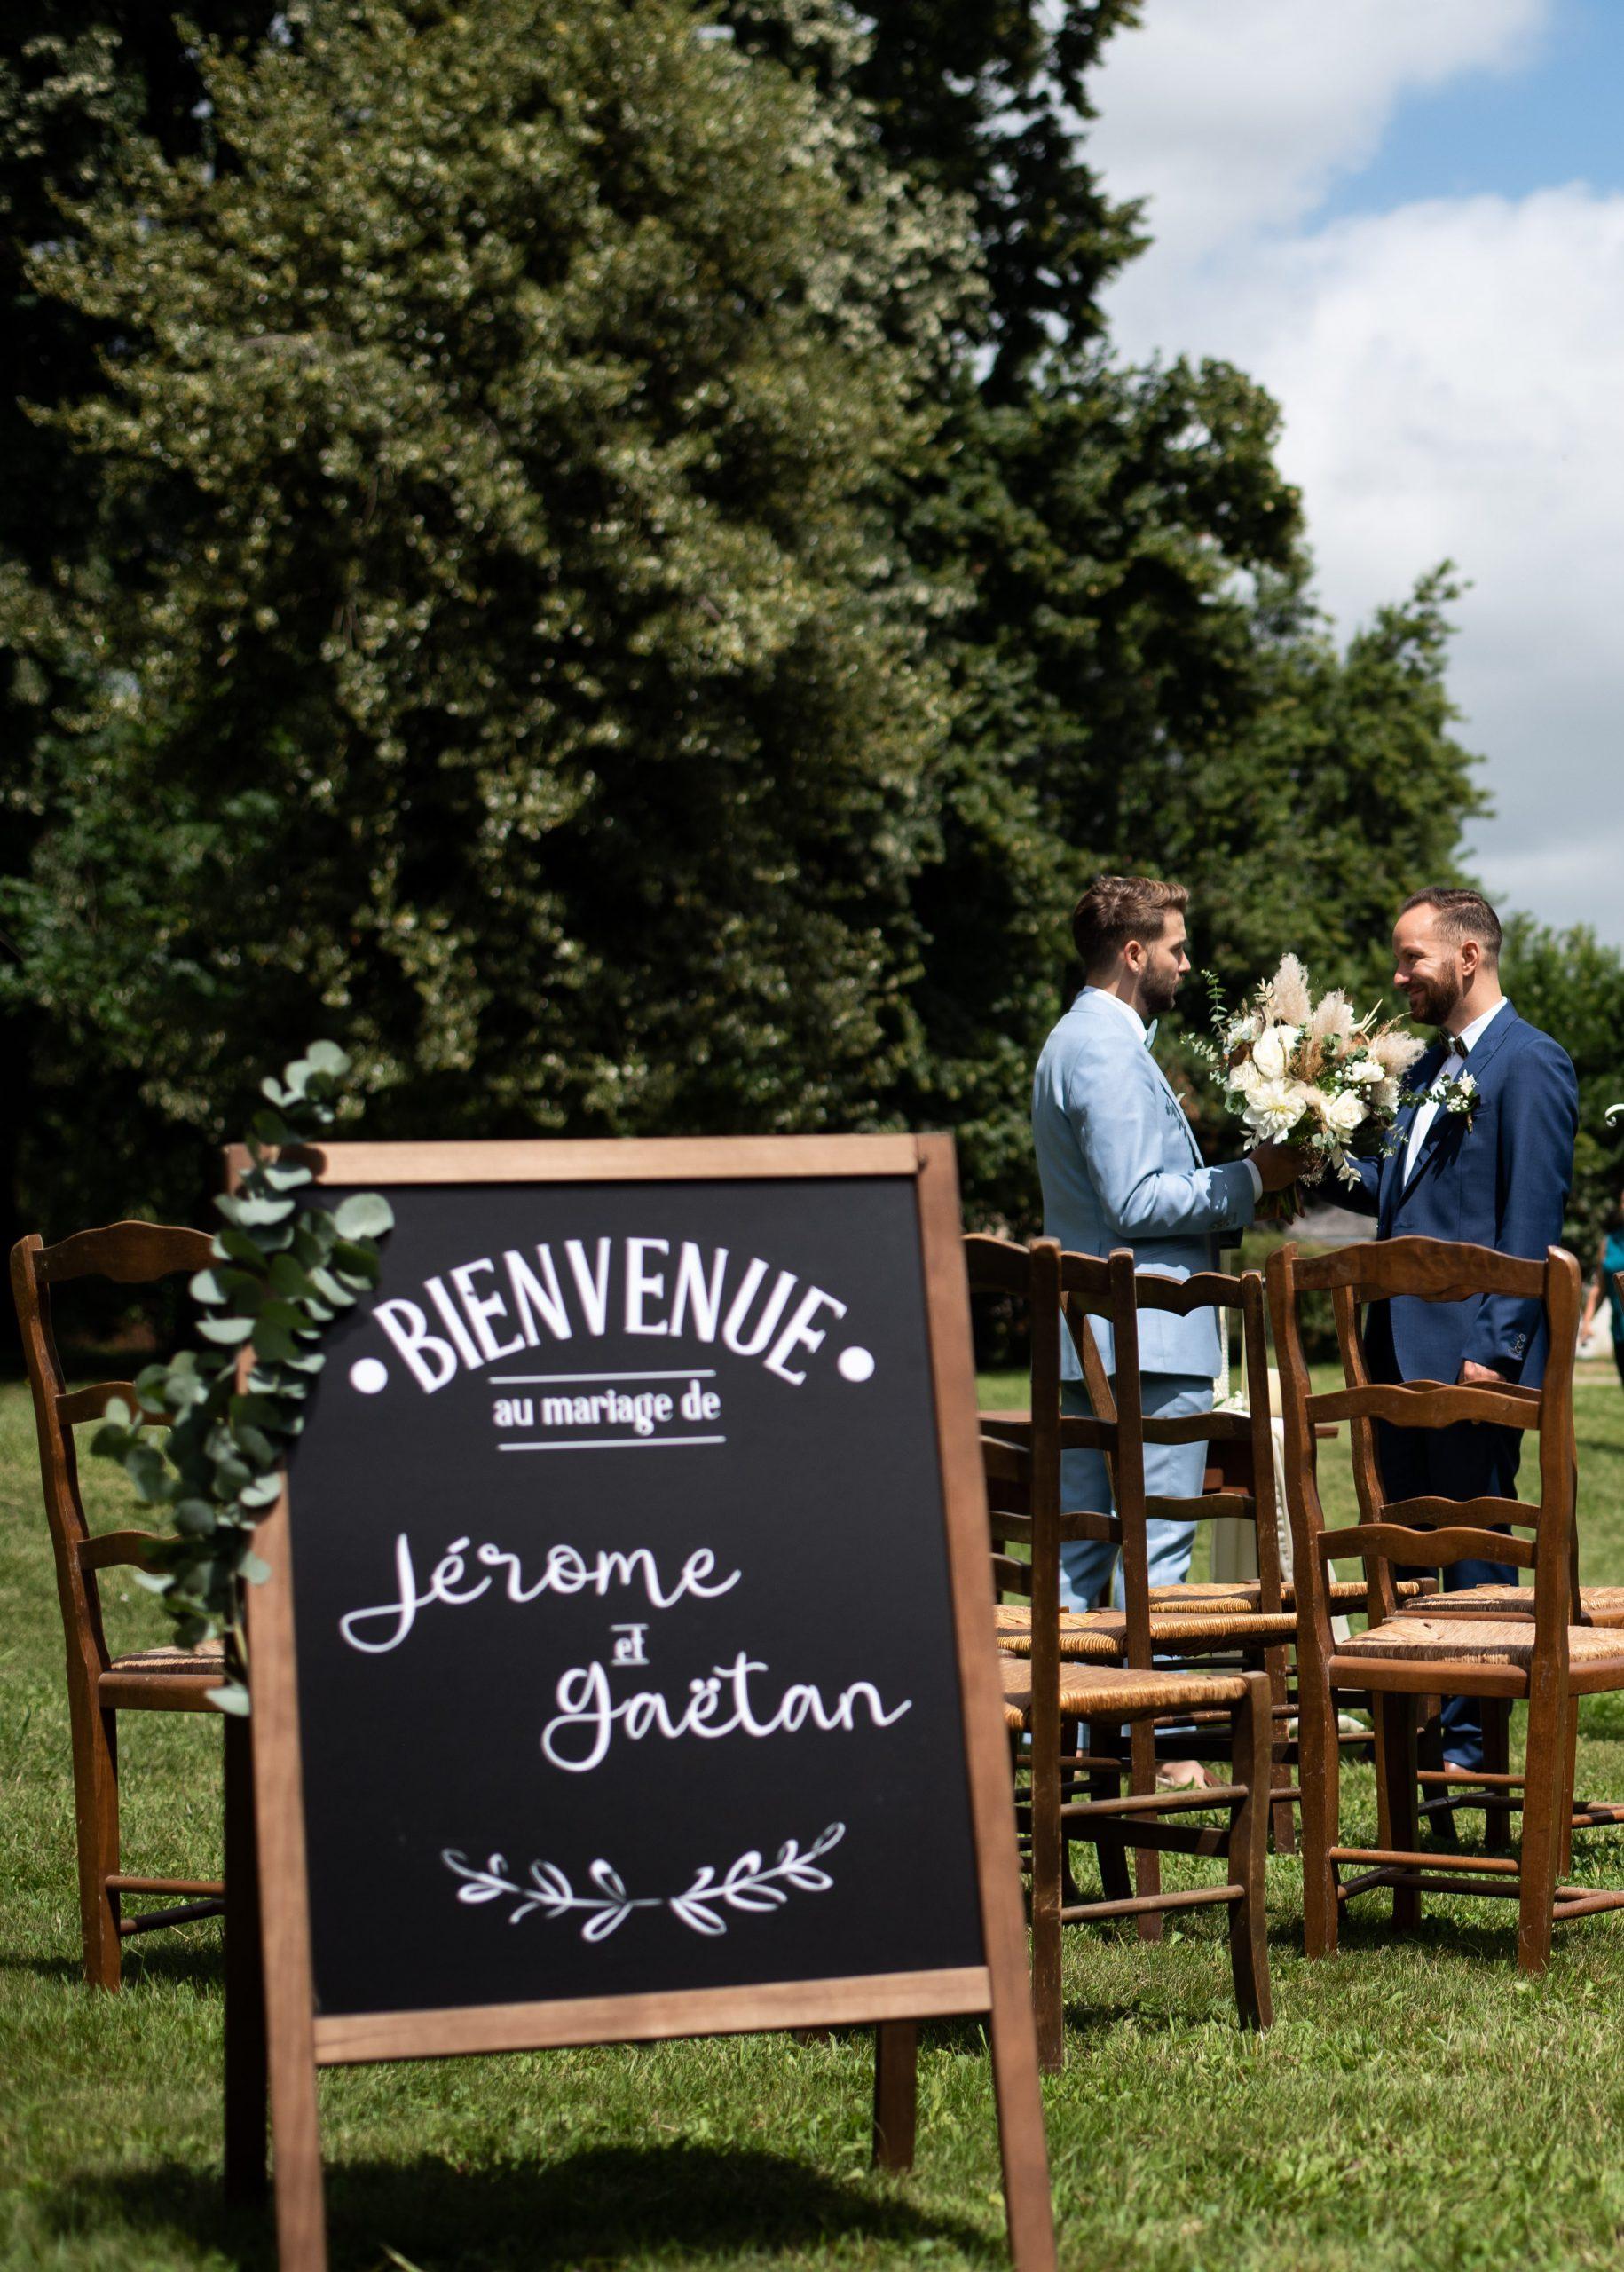 Location décoration mariage Nantes Loire Atlantique